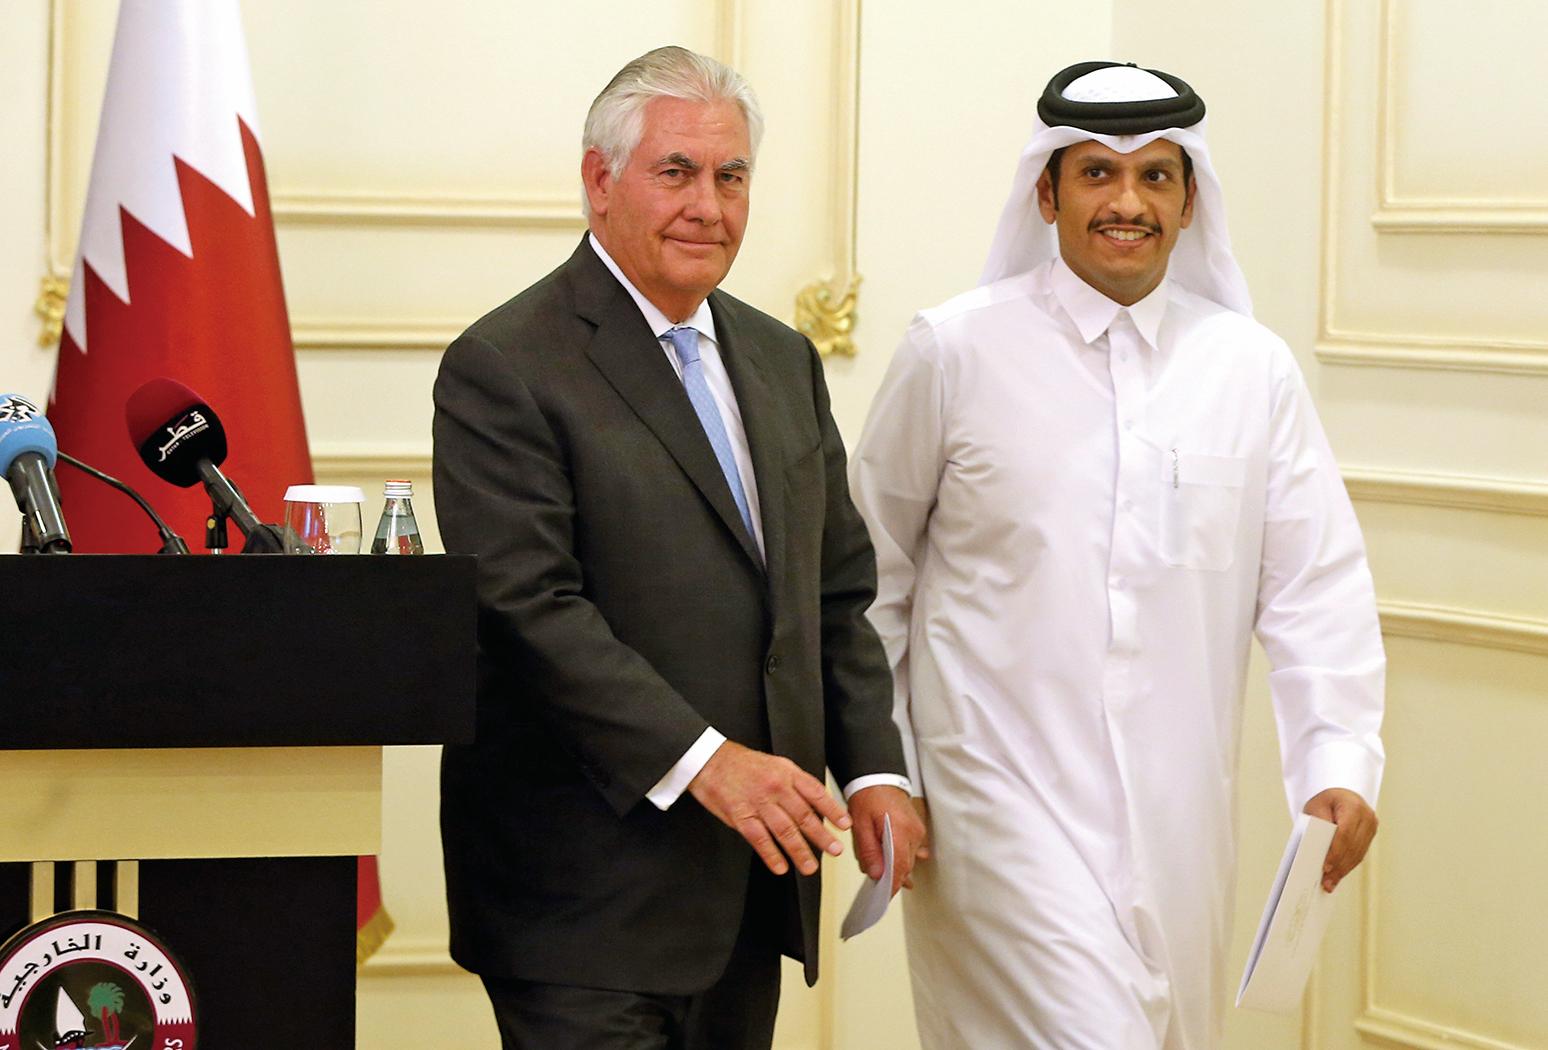 蒂勒森(左)和卡塔爾外長(右)11日宣布簽署合作備忘錄,共同打擊恐怖主義。(AFP)